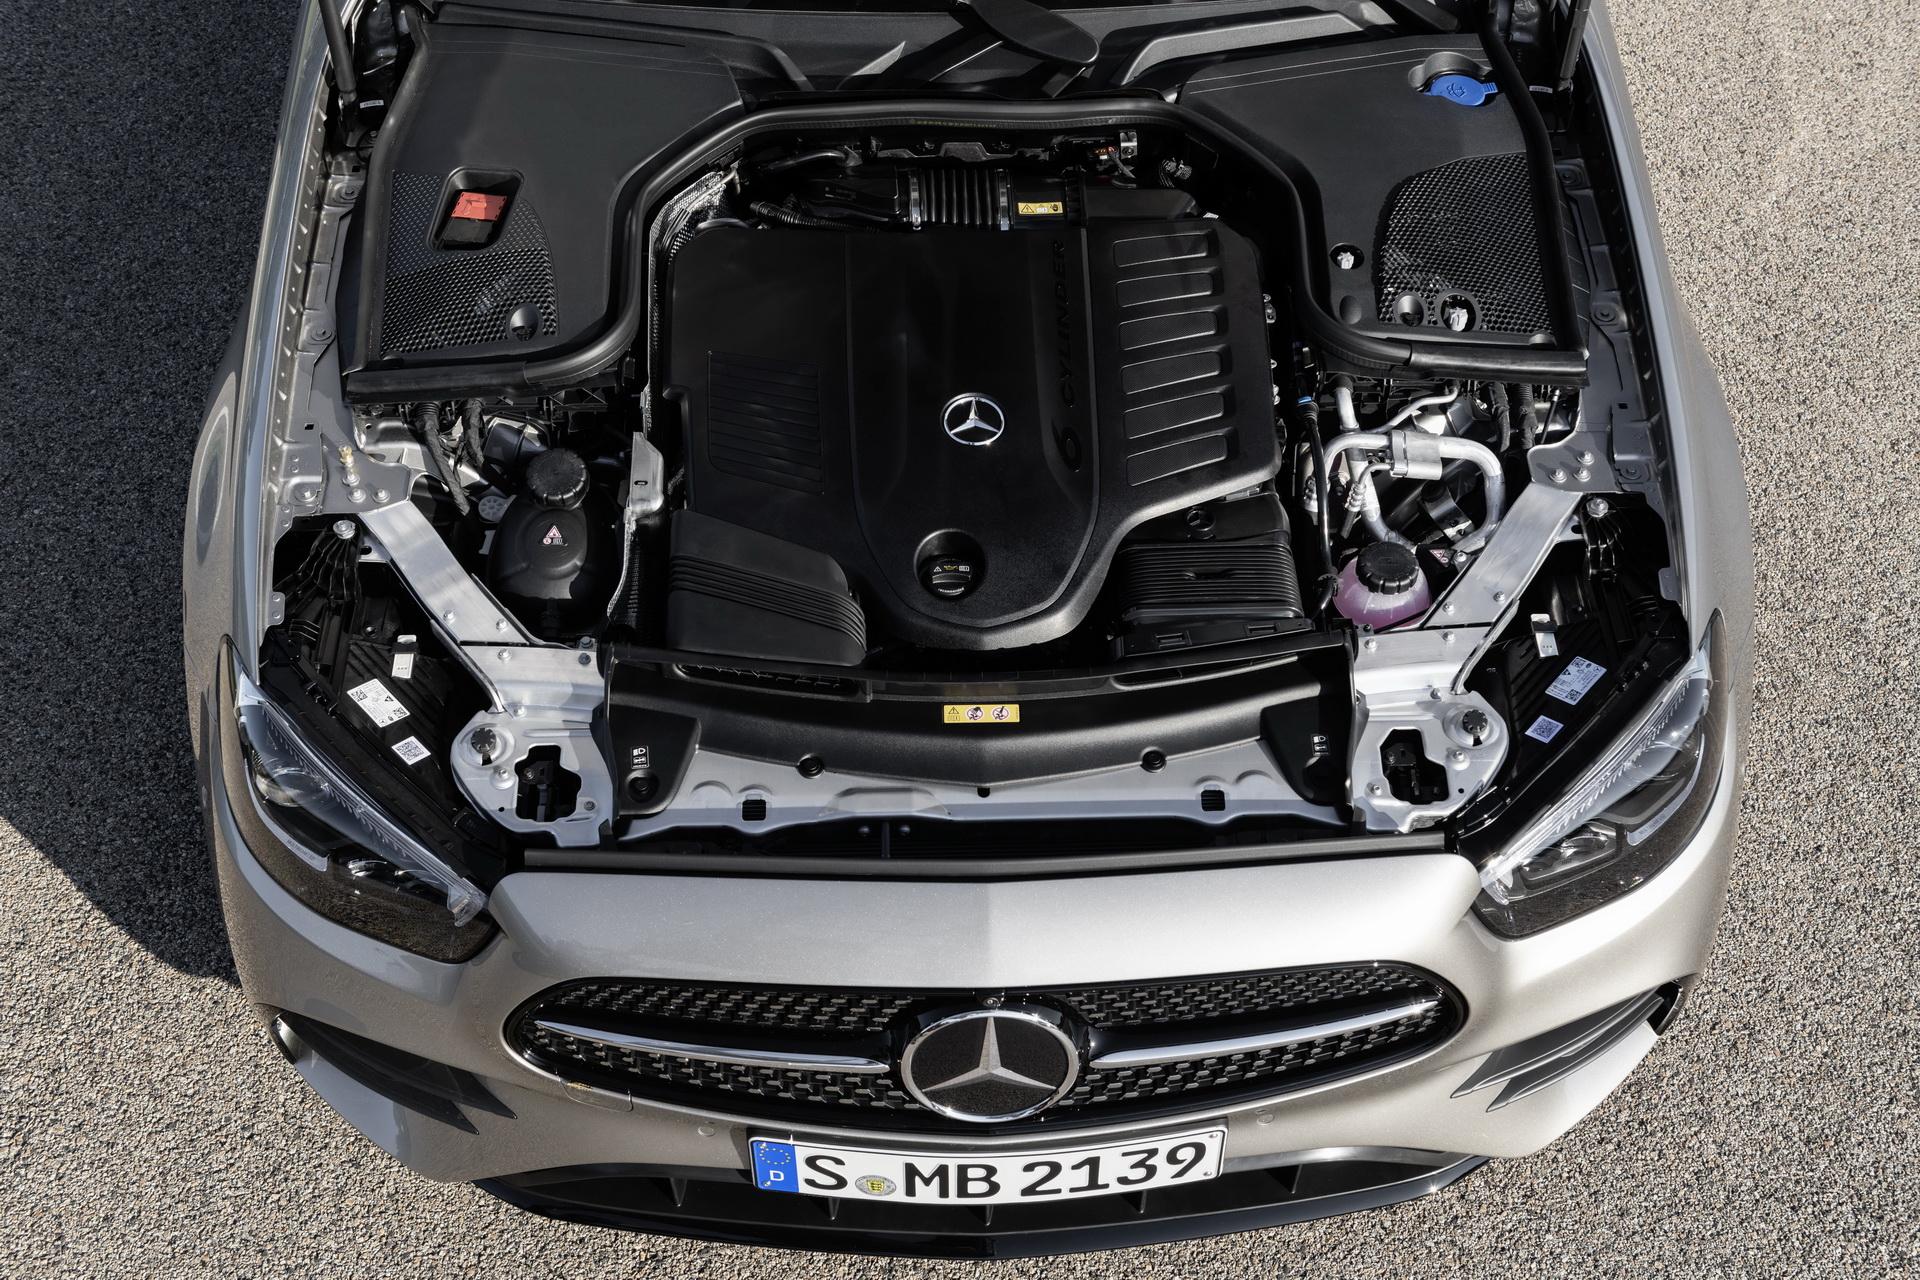 2020-mercedes-benz-e-class-facelift-14.jpg